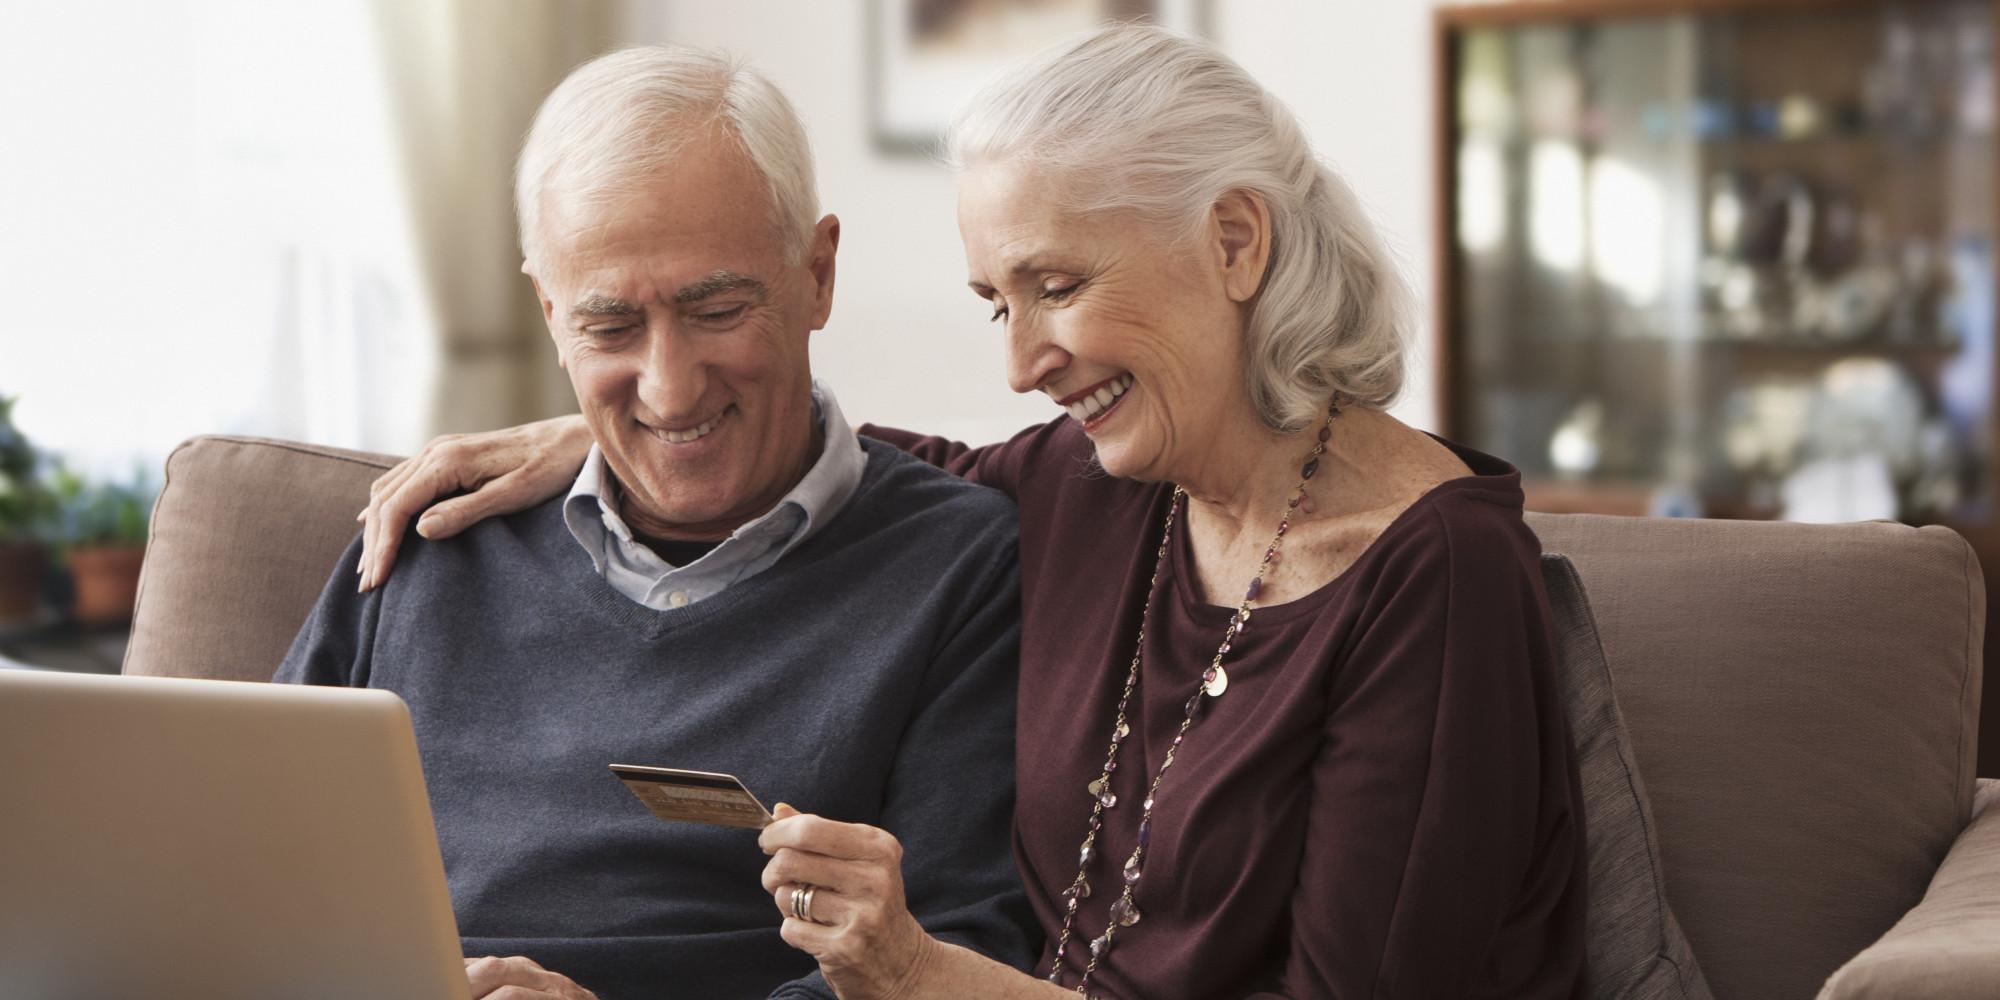 Image result for senior online shopping